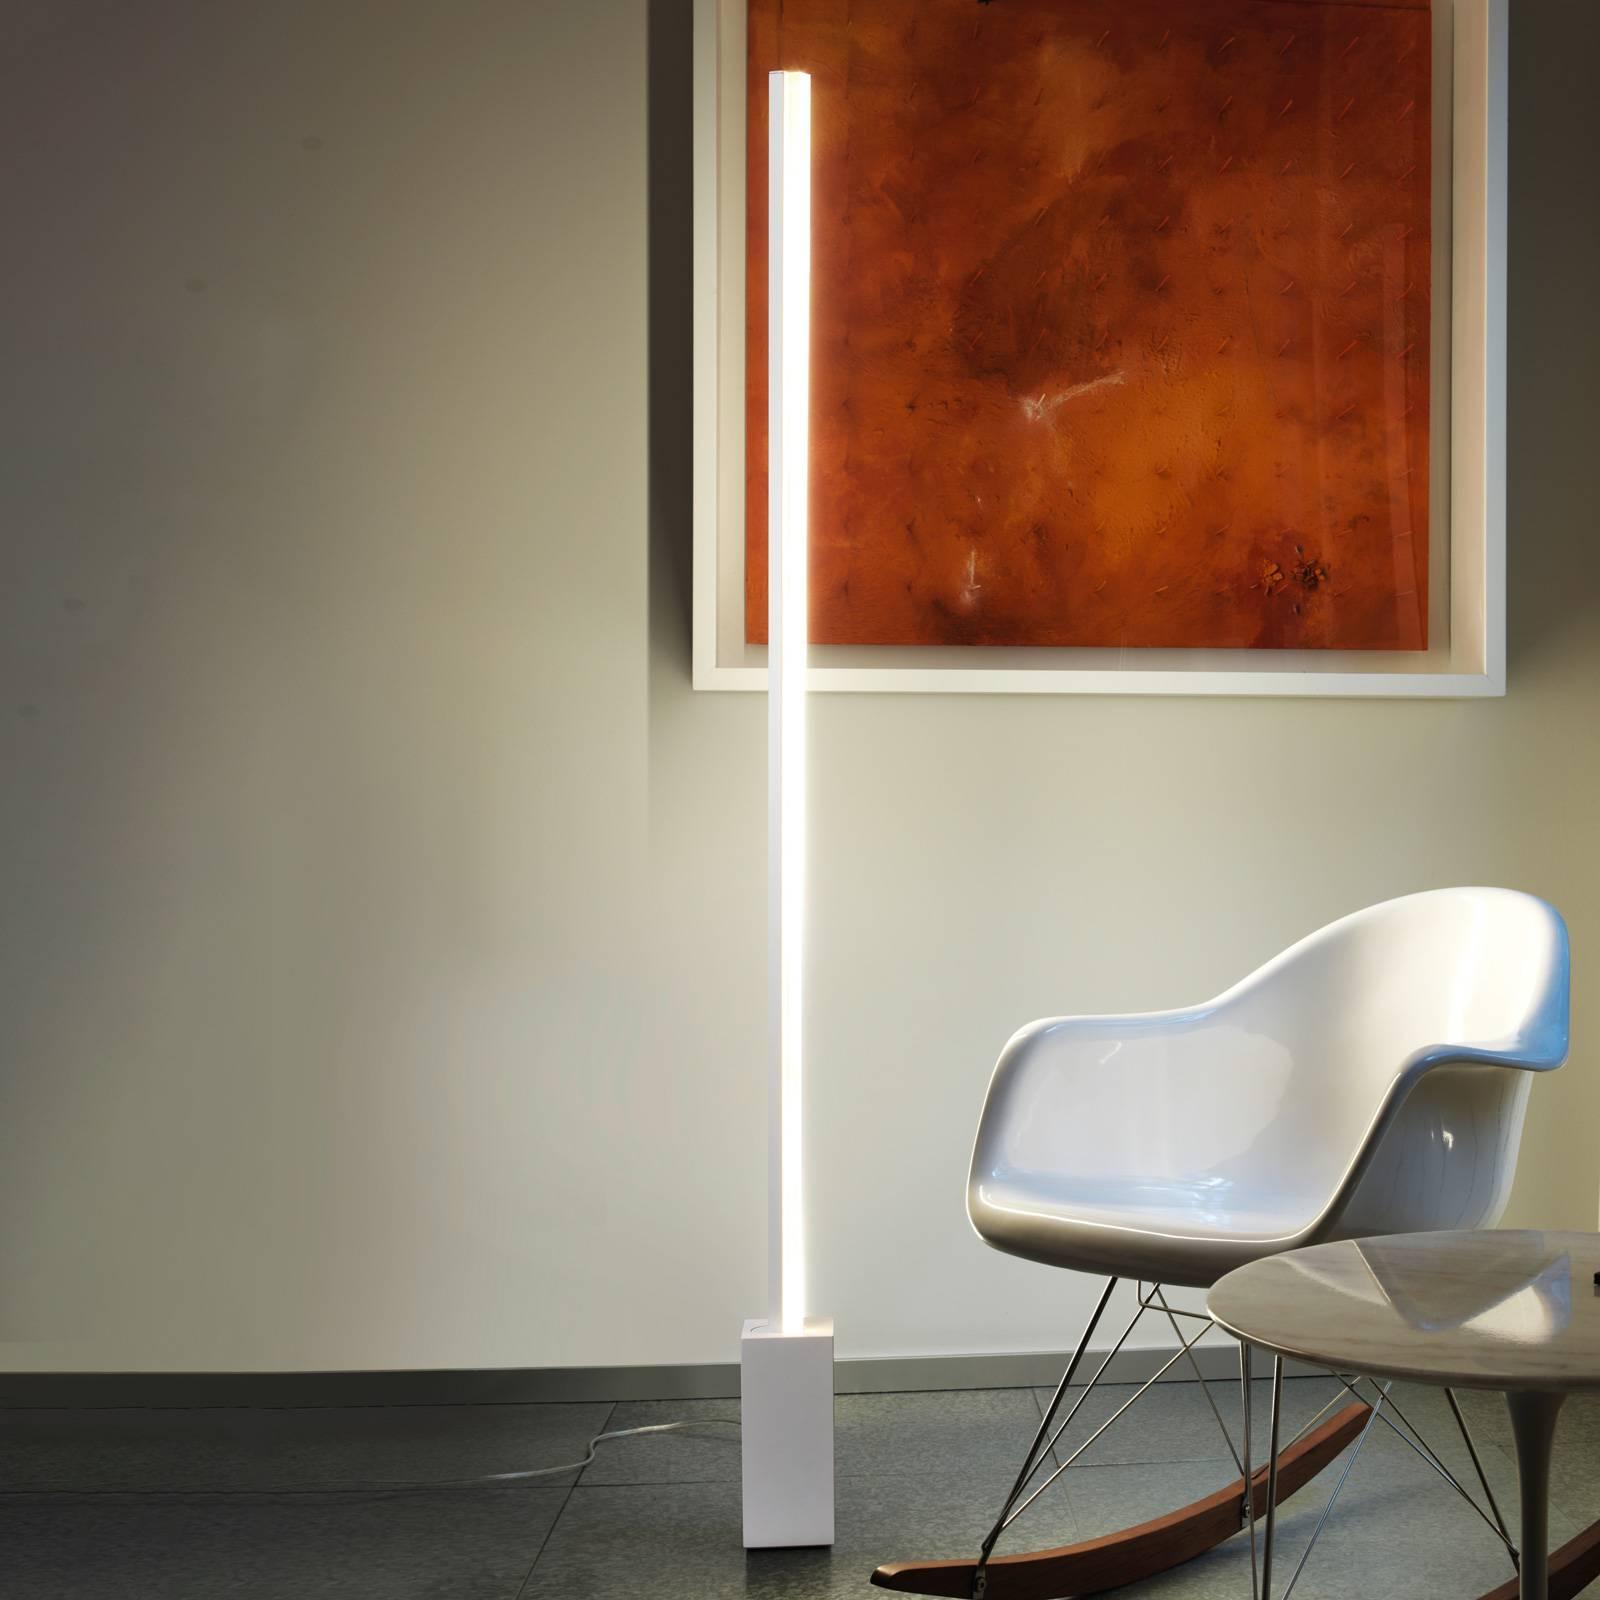 Grok Circ LED vloerlamp van aluminium met dimmer